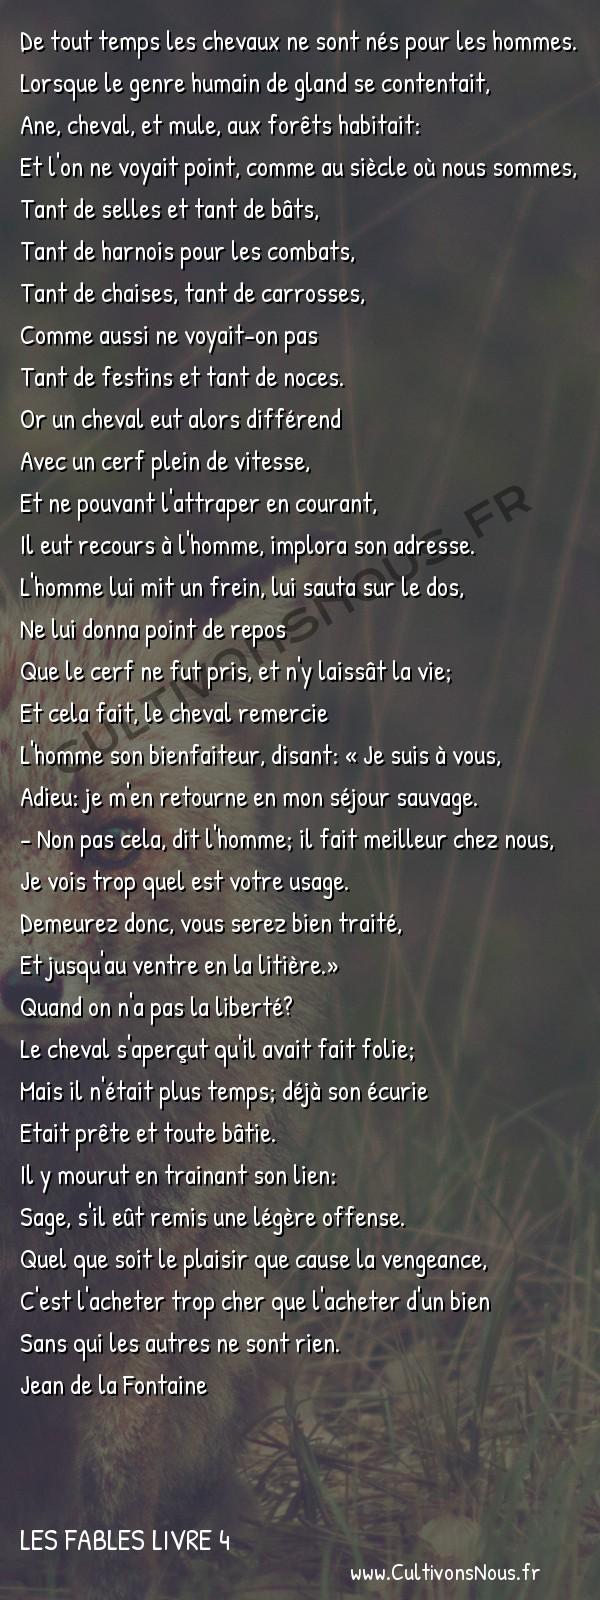 Fables Jean de la Fontaine - Les fables Livre 4 - Le Cheval s'étant voulu venger du Cerf -   De tout temps les chevaux ne sont nés pour les hommes. Lorsque le genre humain de gland se contentait,